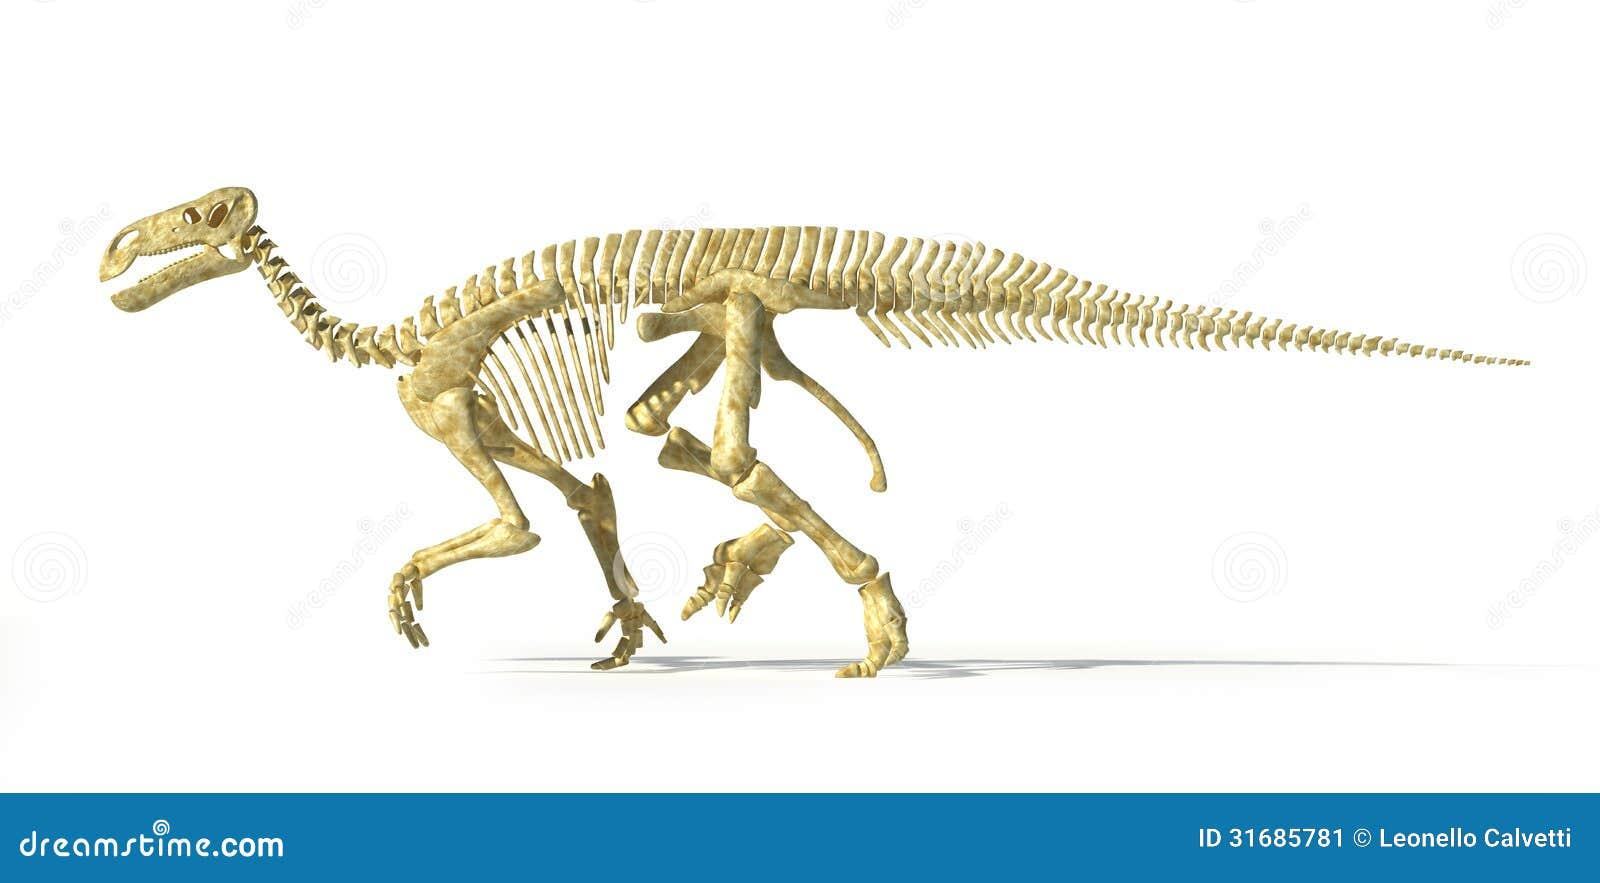 iguanodon dinosaur full skeleton photorealistic side view